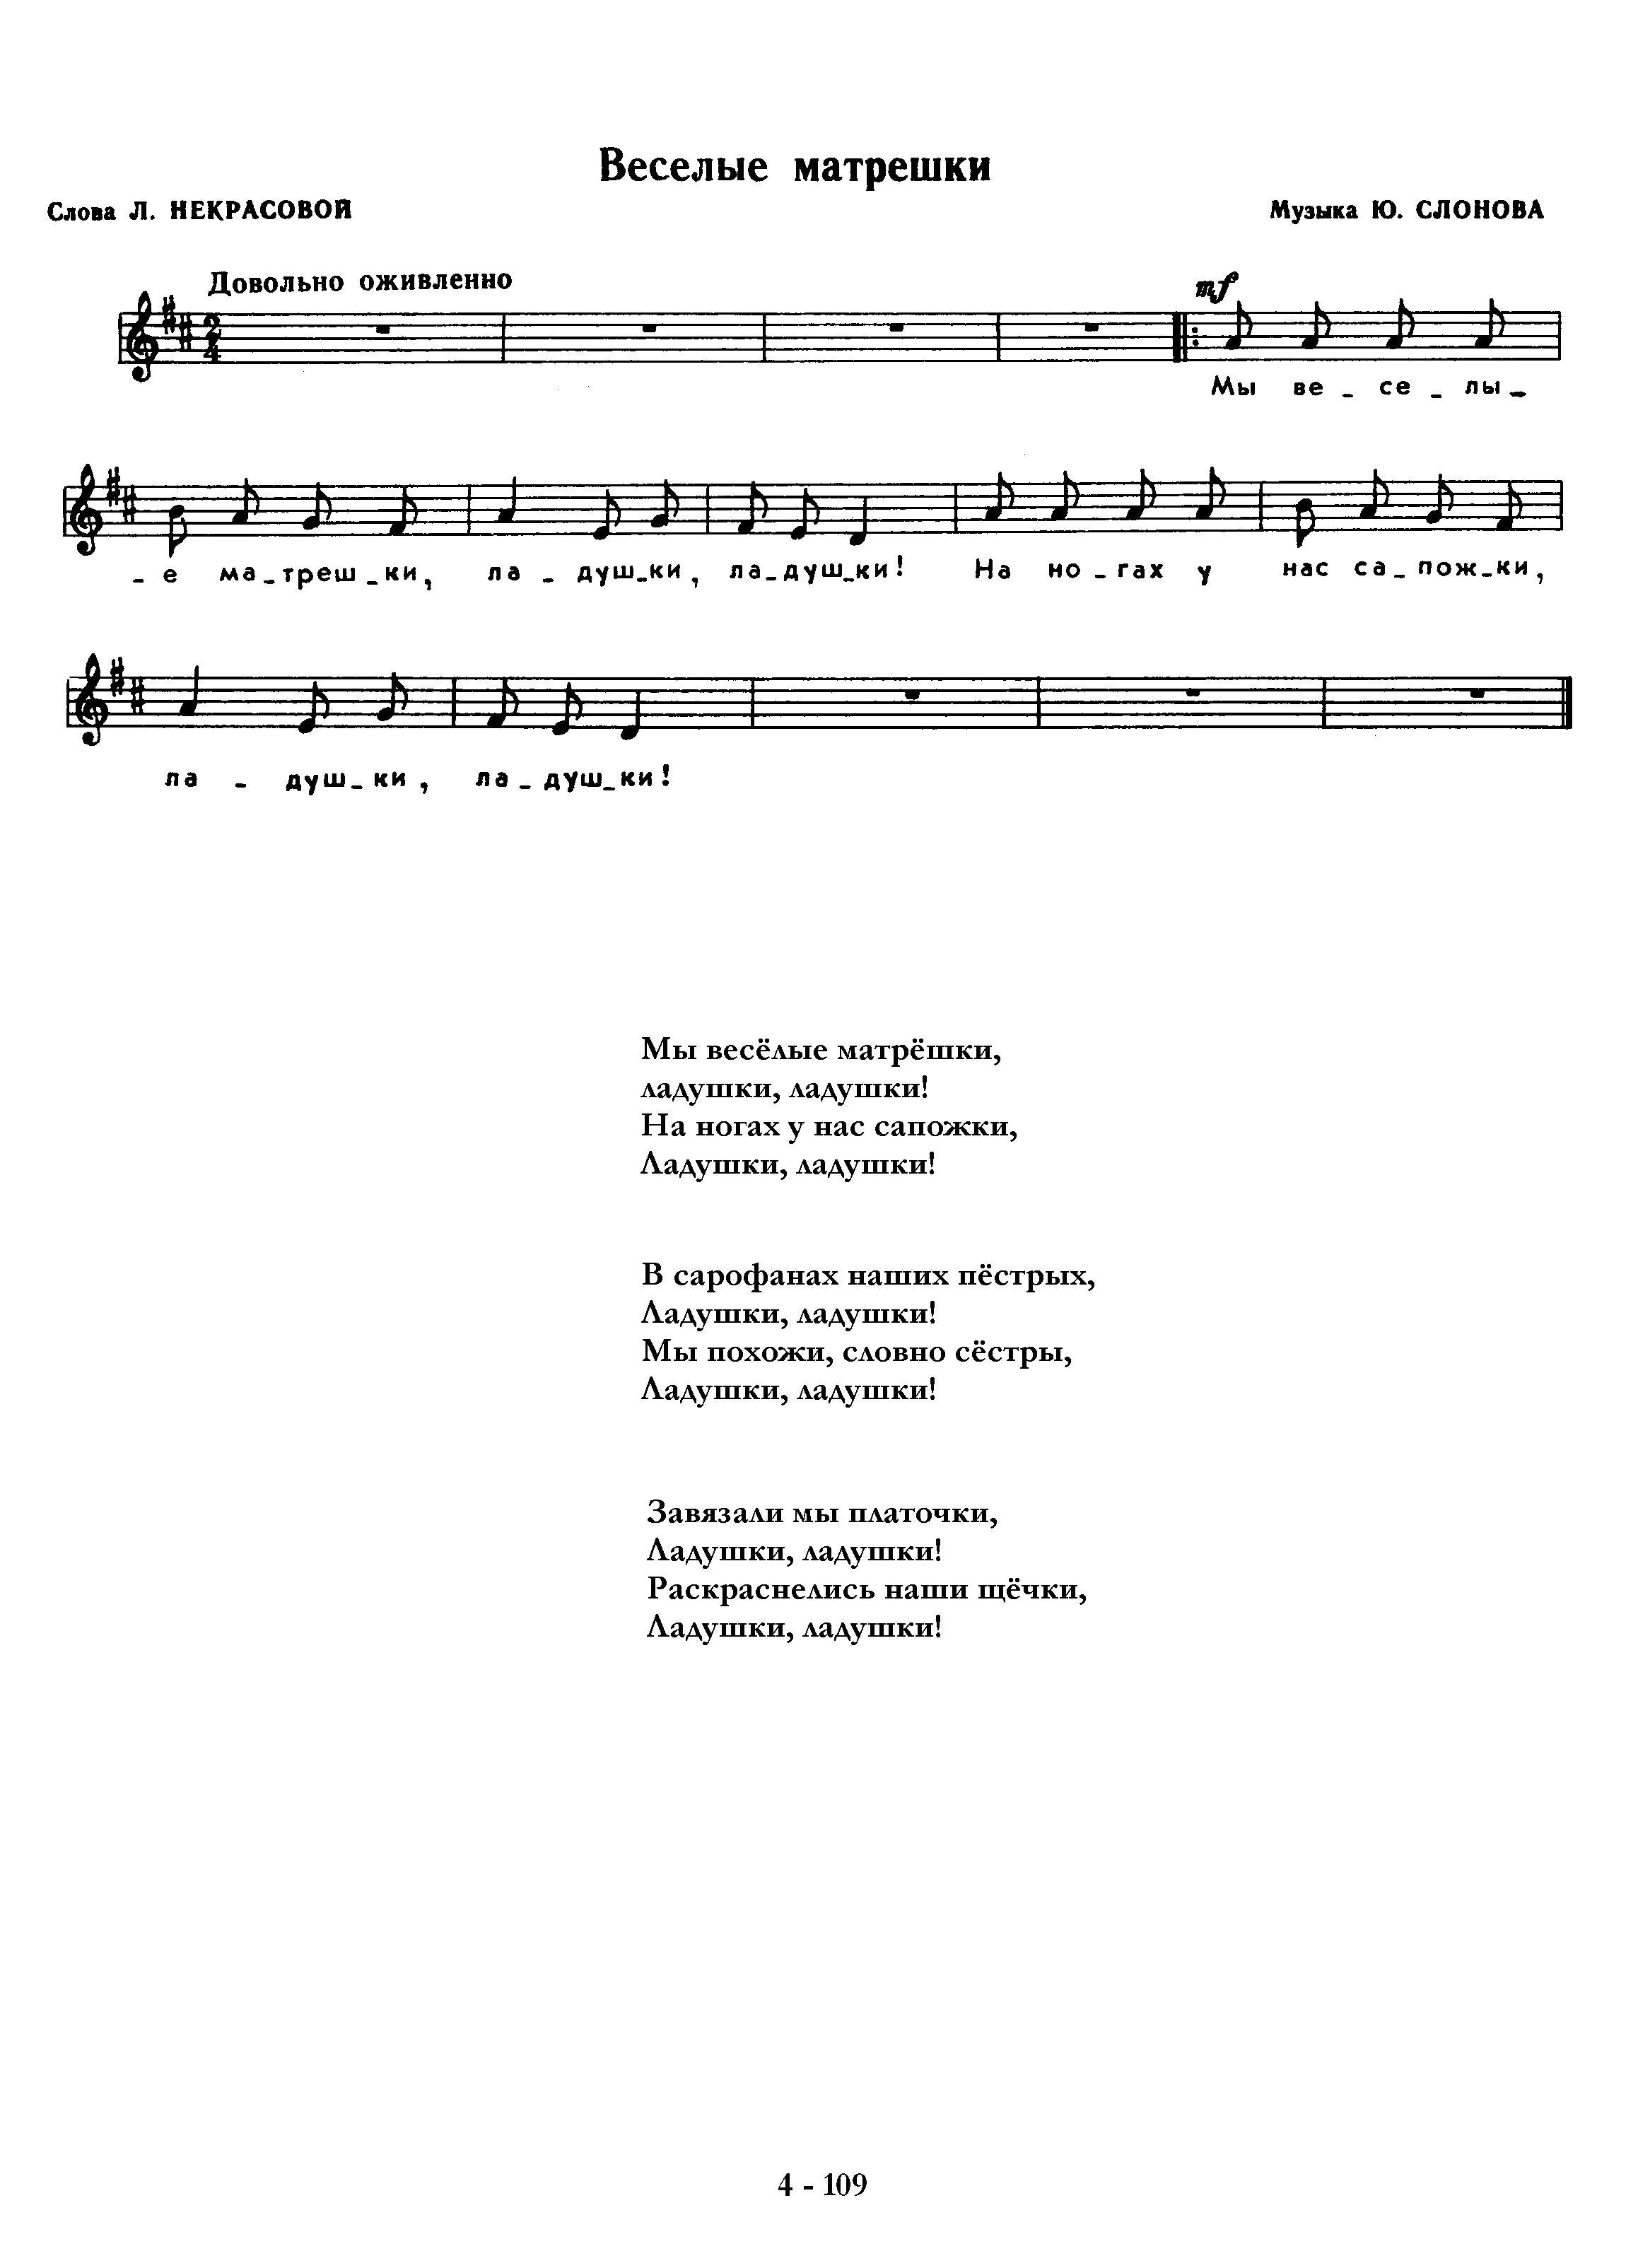 ПЕСНЯ МЫ ВЕСЕЛЫЕ МАТРЕШКИ МИНУСОВКА СКАЧАТЬ БЕСПЛАТНО